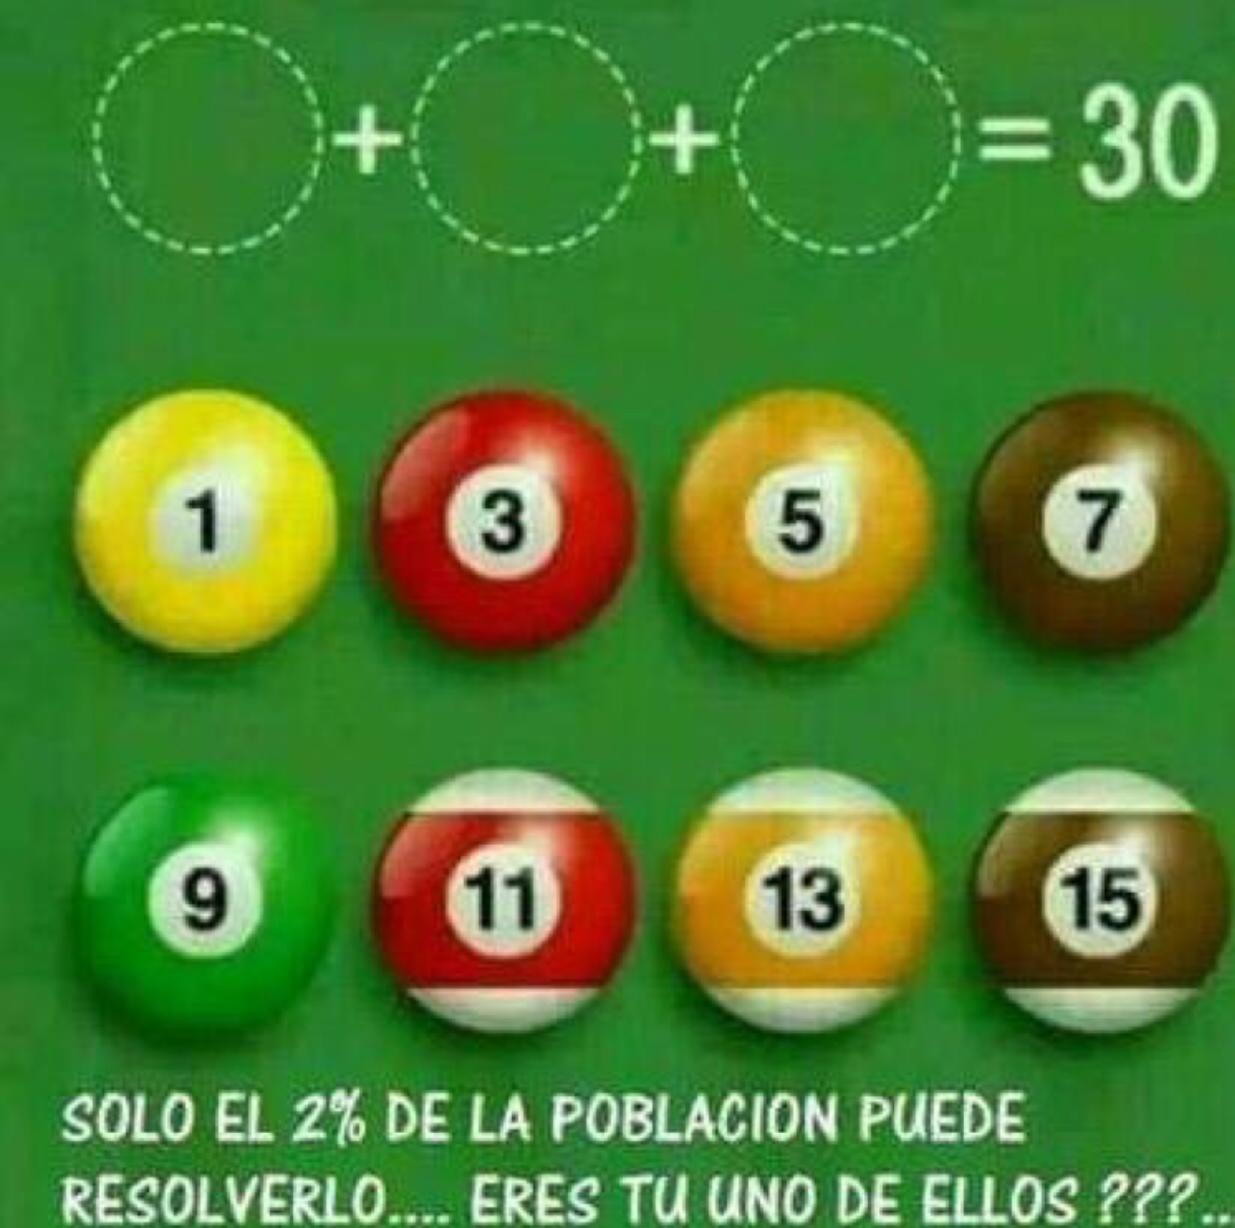 25 juego